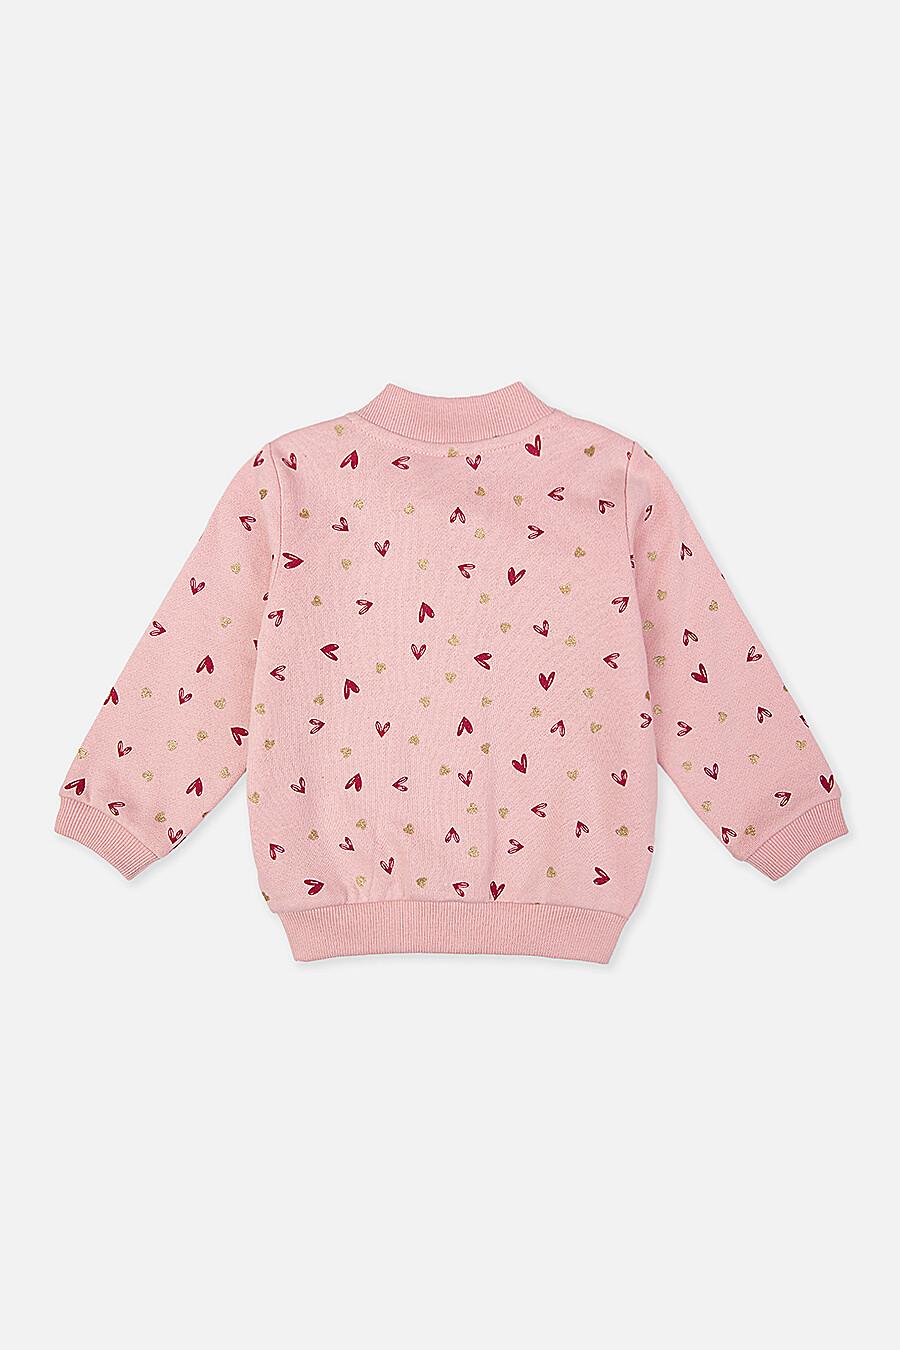 Толстовка для девочек PLAYTODAY 147432 купить оптом от производителя. Совместная покупка детской одежды в OptMoyo